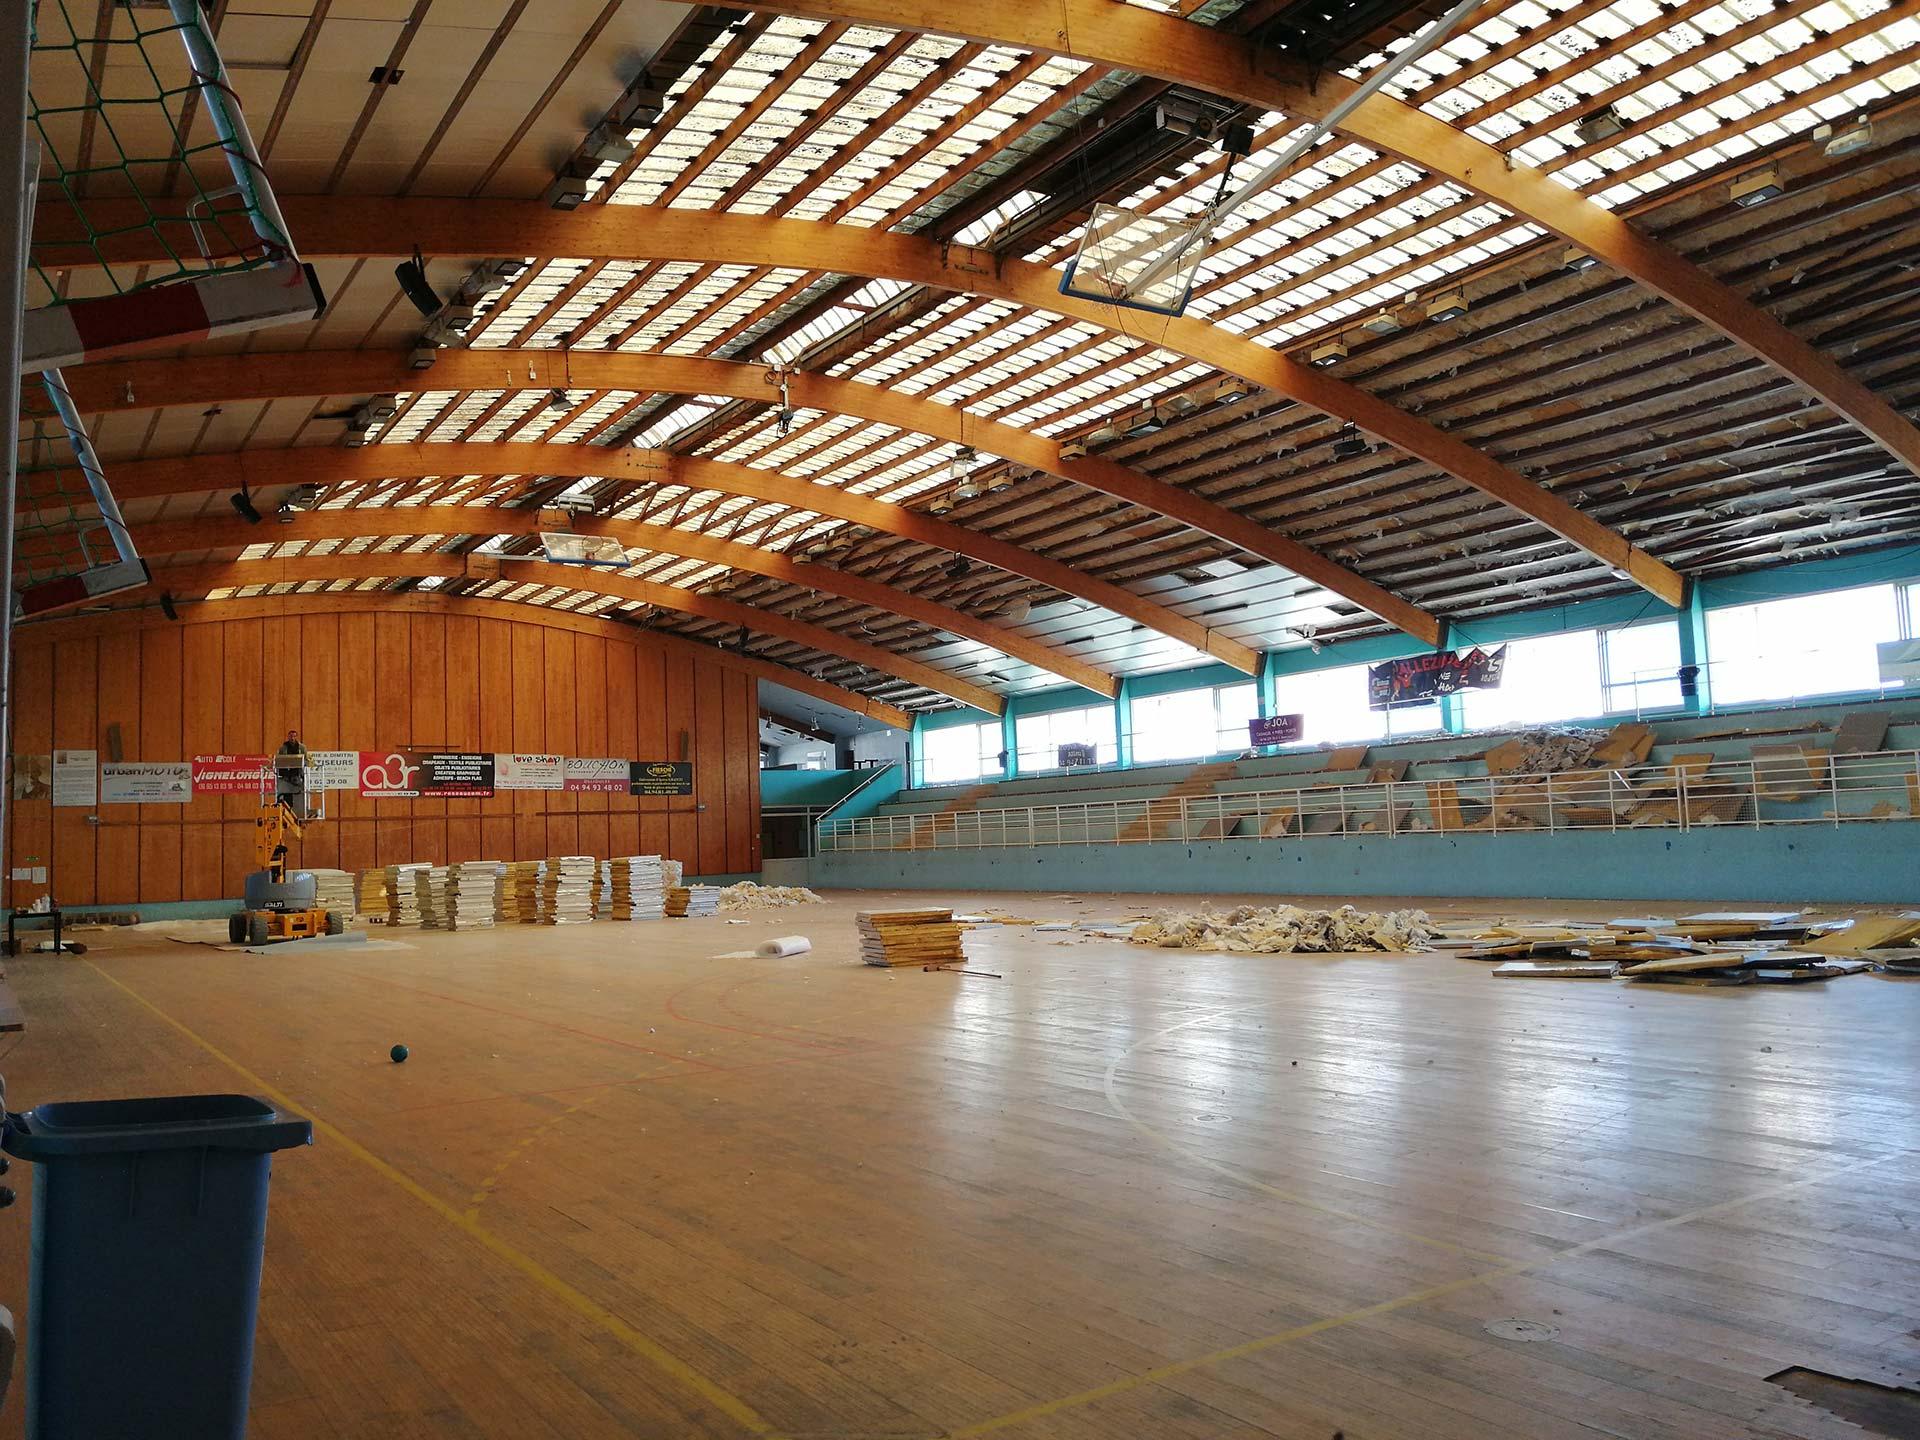 Une Réhabilitation de la Salle omnisports Maurice-Baquet à 1'325'000 d'Euros